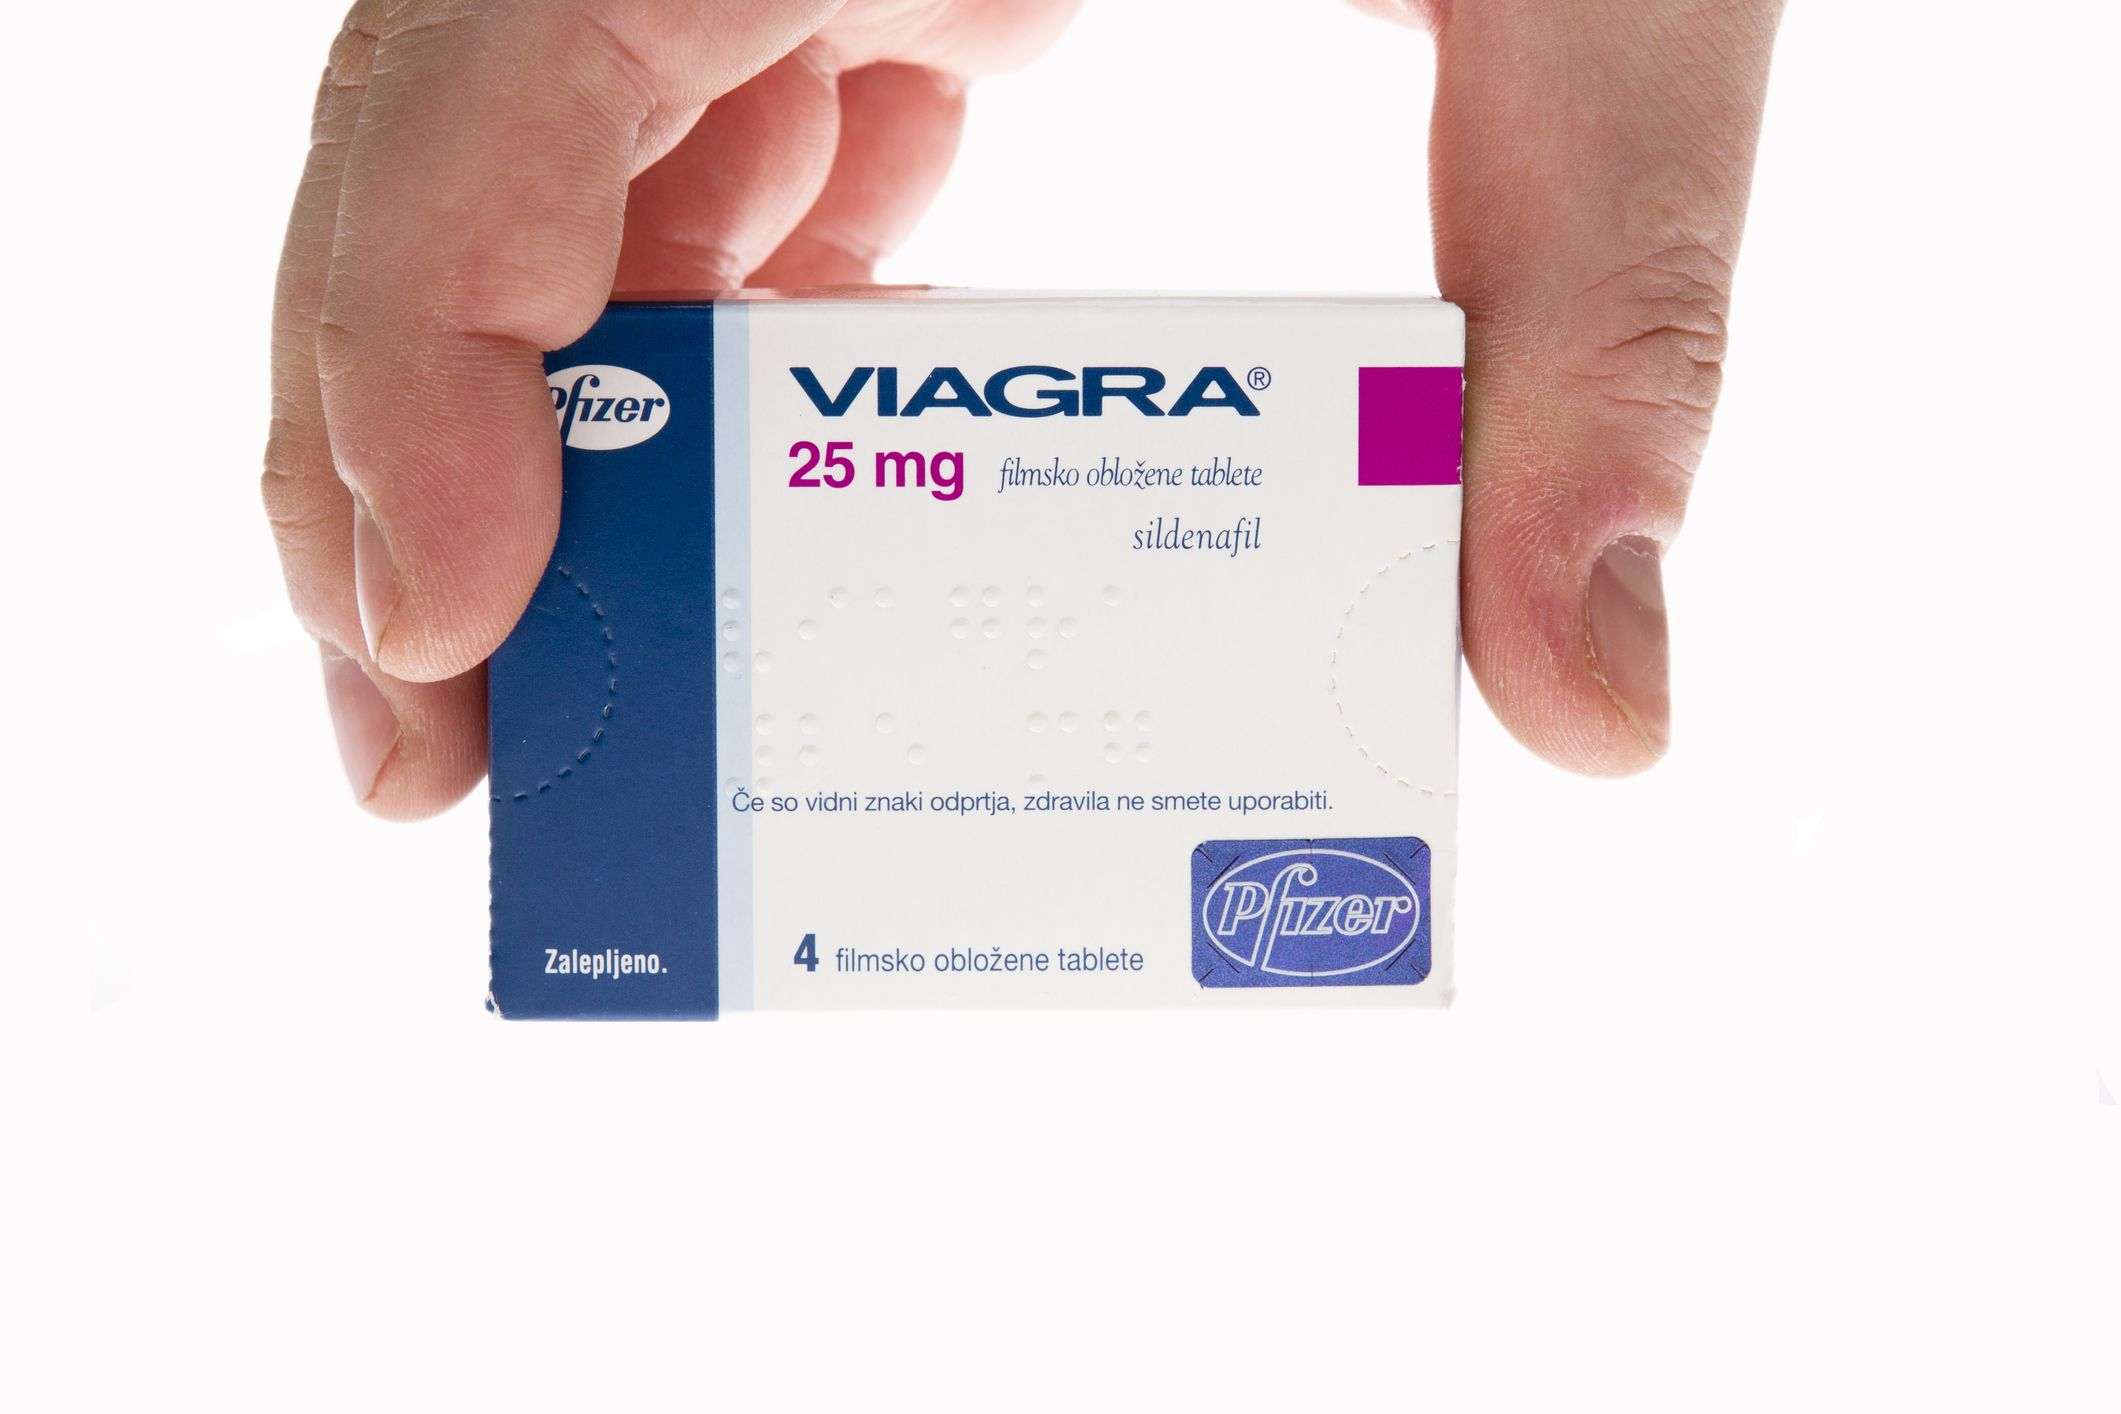 viagra és magas vérnyomás)